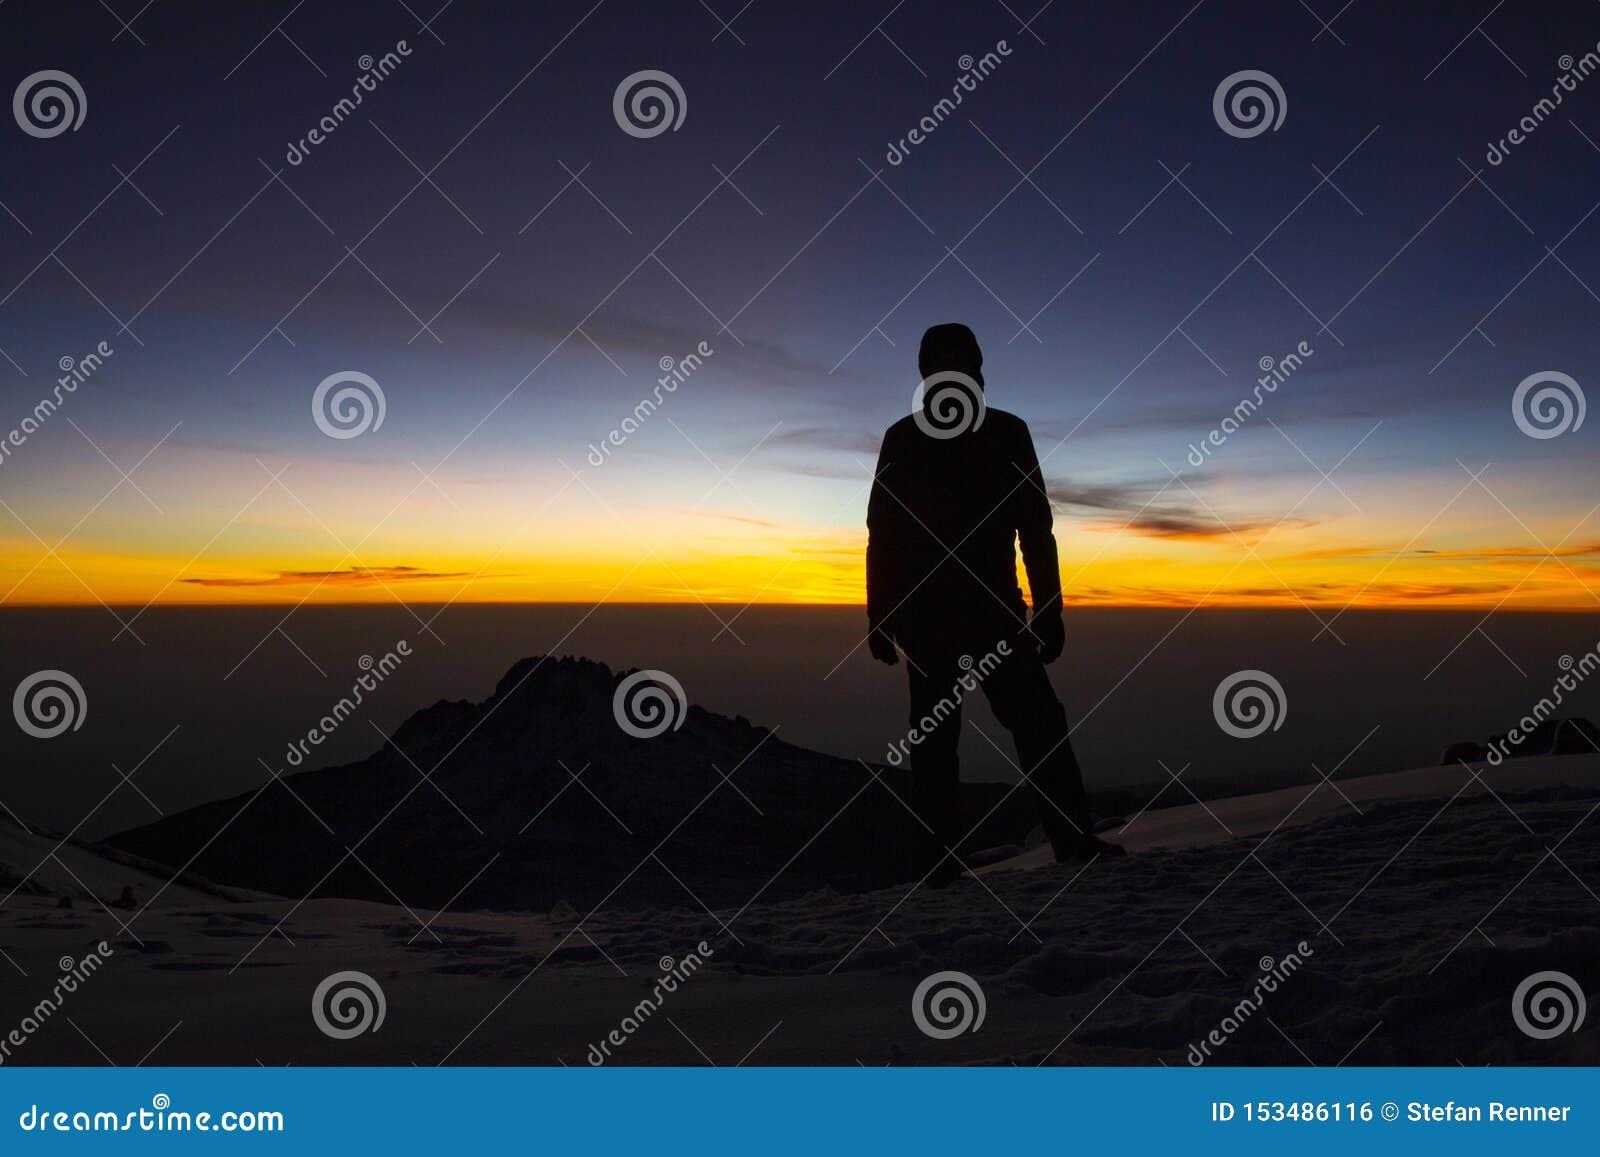 Summiteer Kilimanjaro